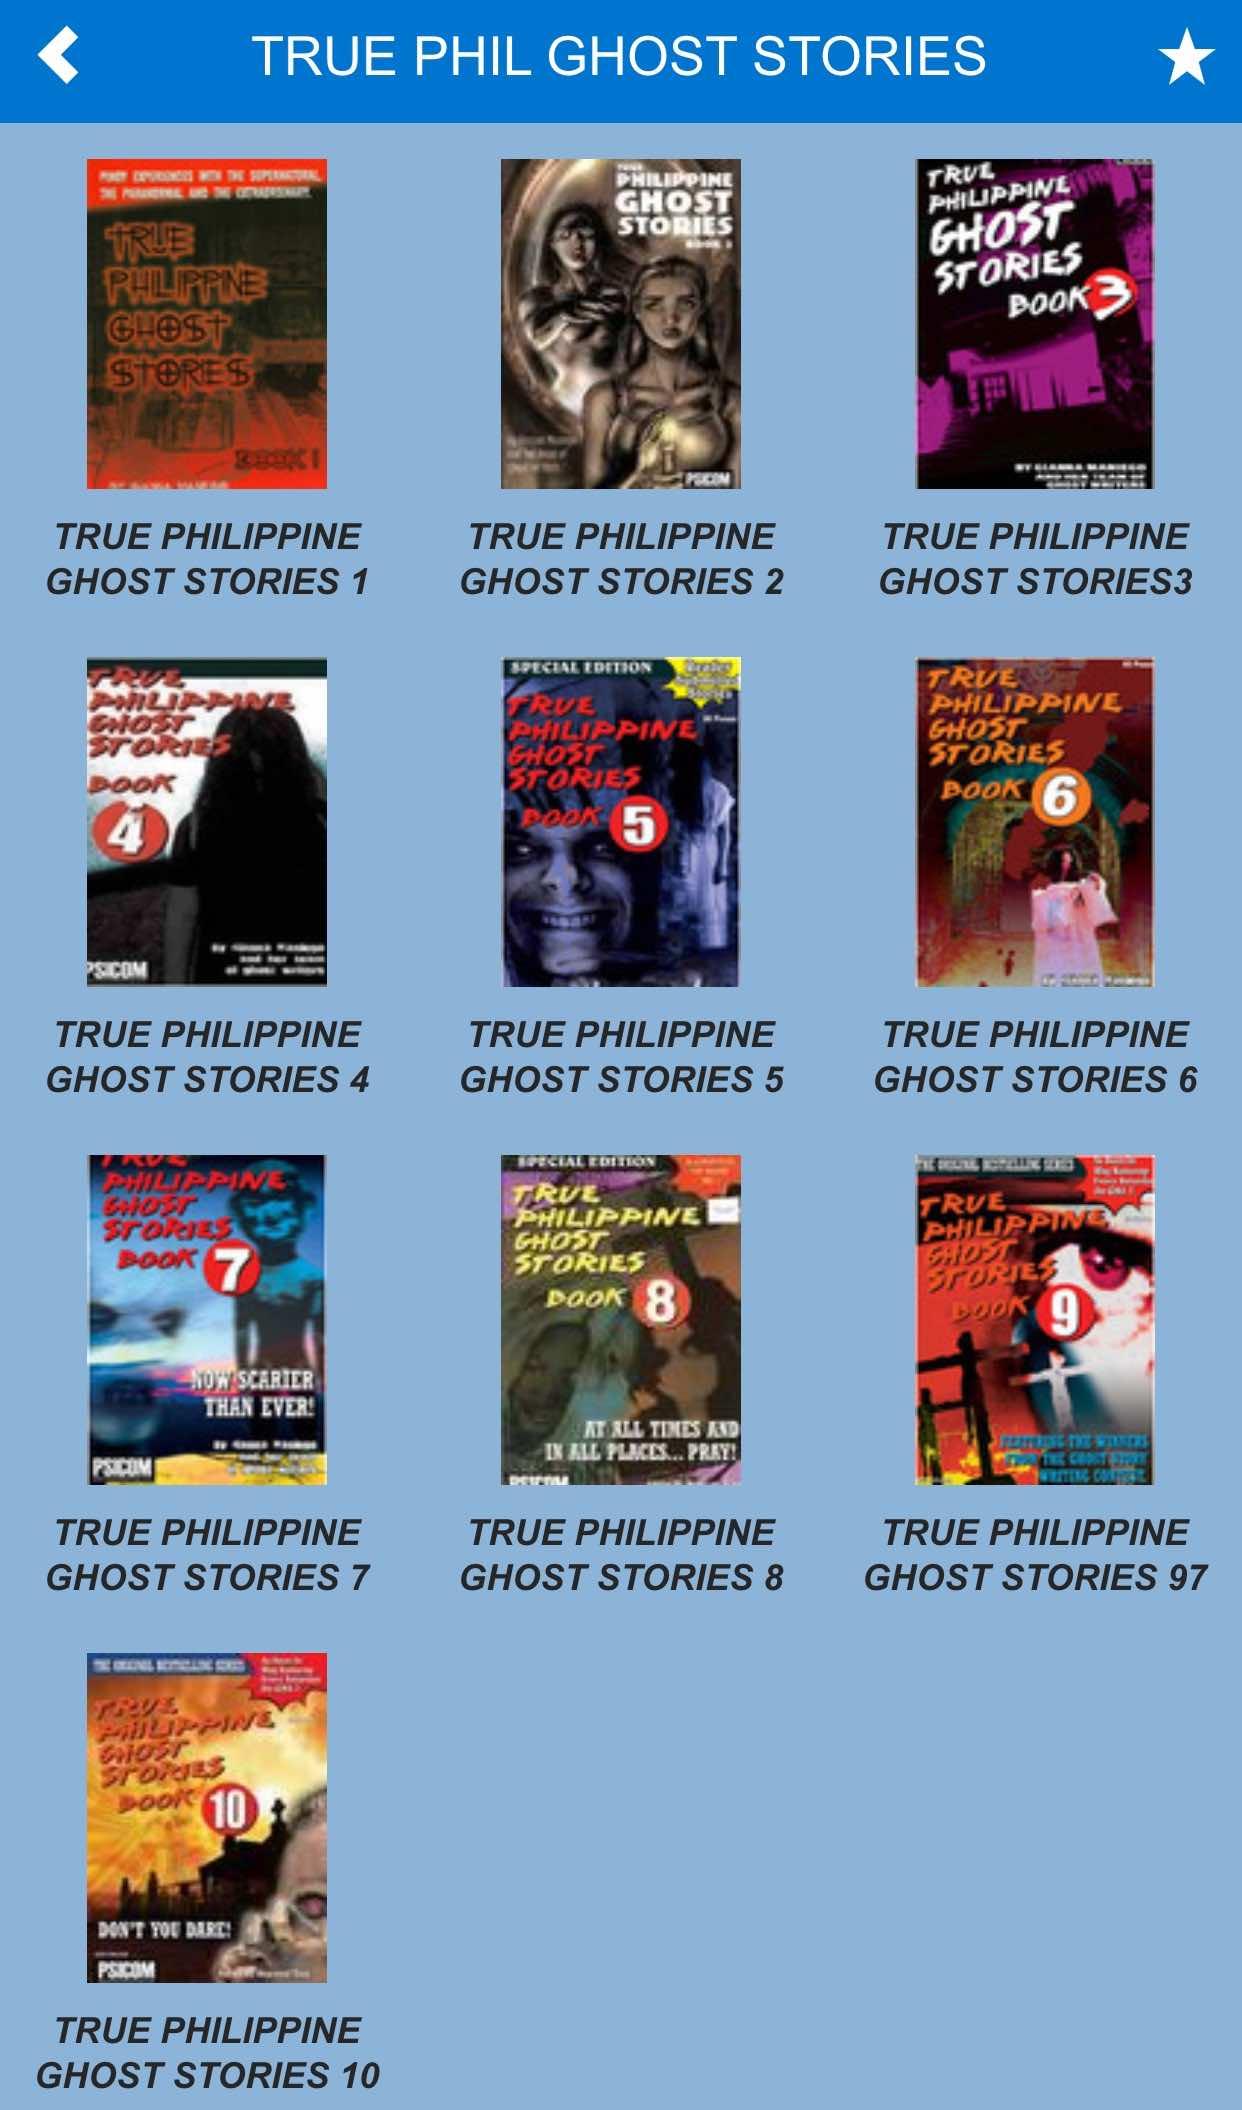 true philippine ghost stories read online 2